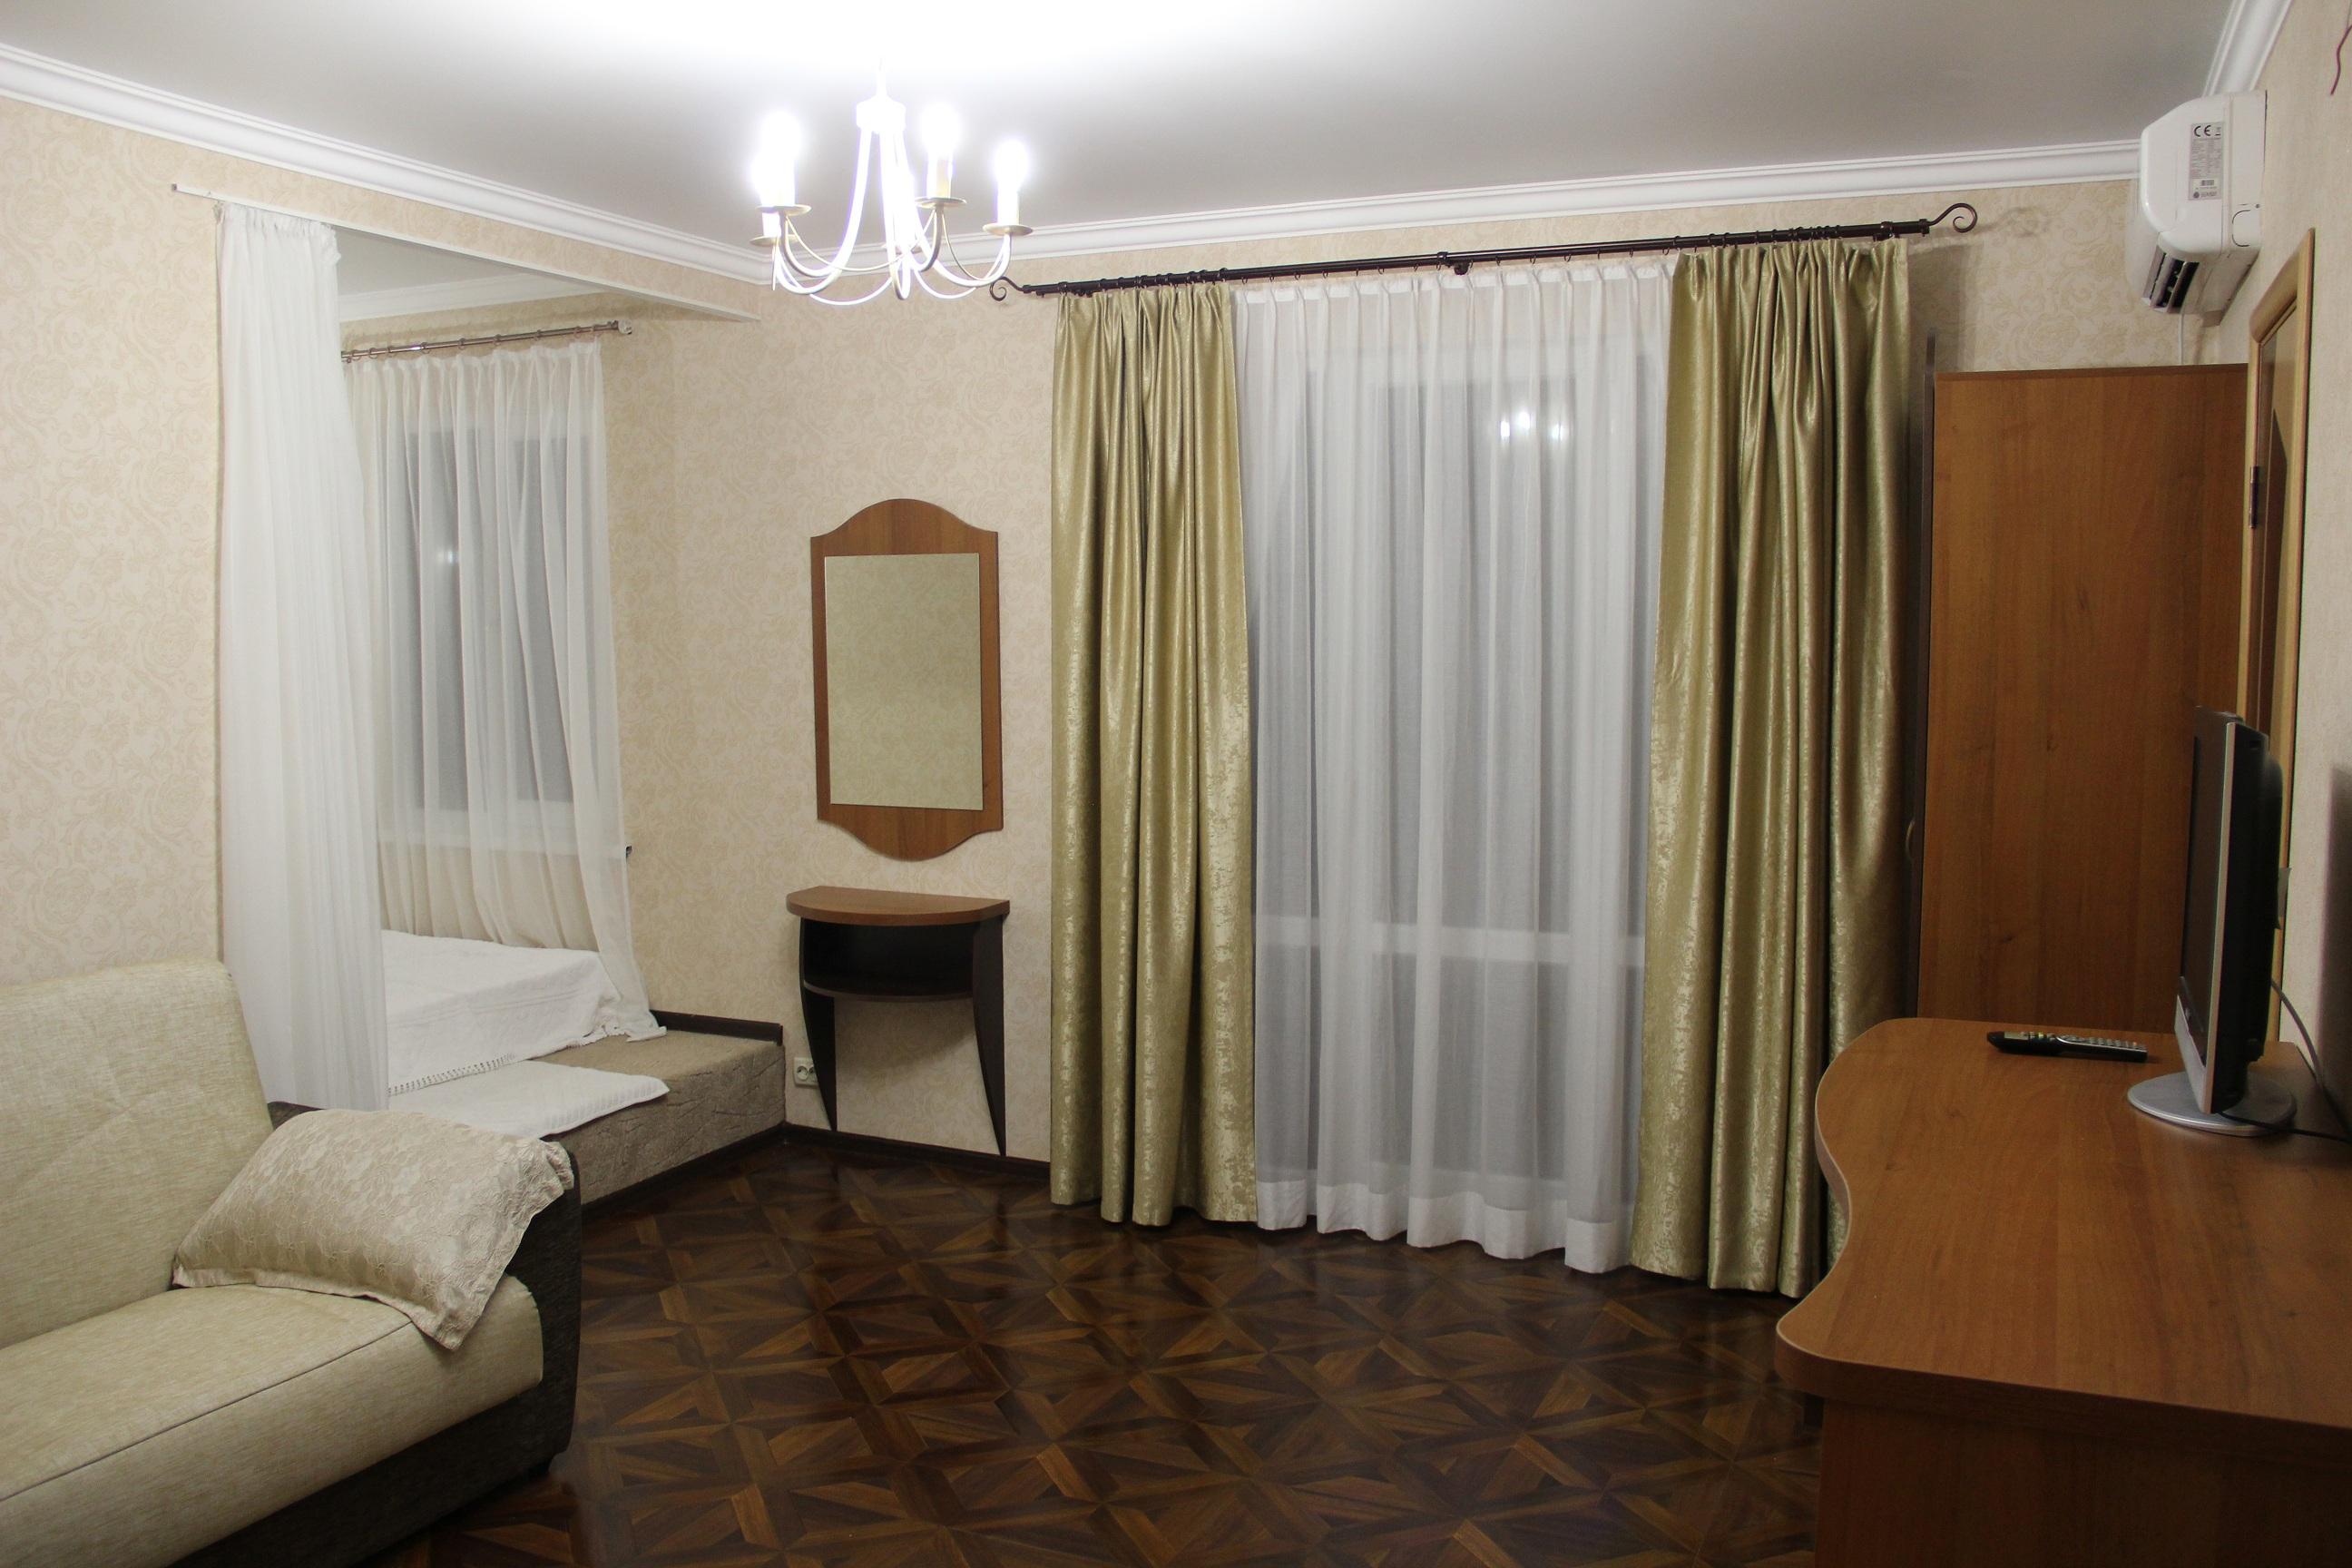 Отель Три сосны. ЛЮКС